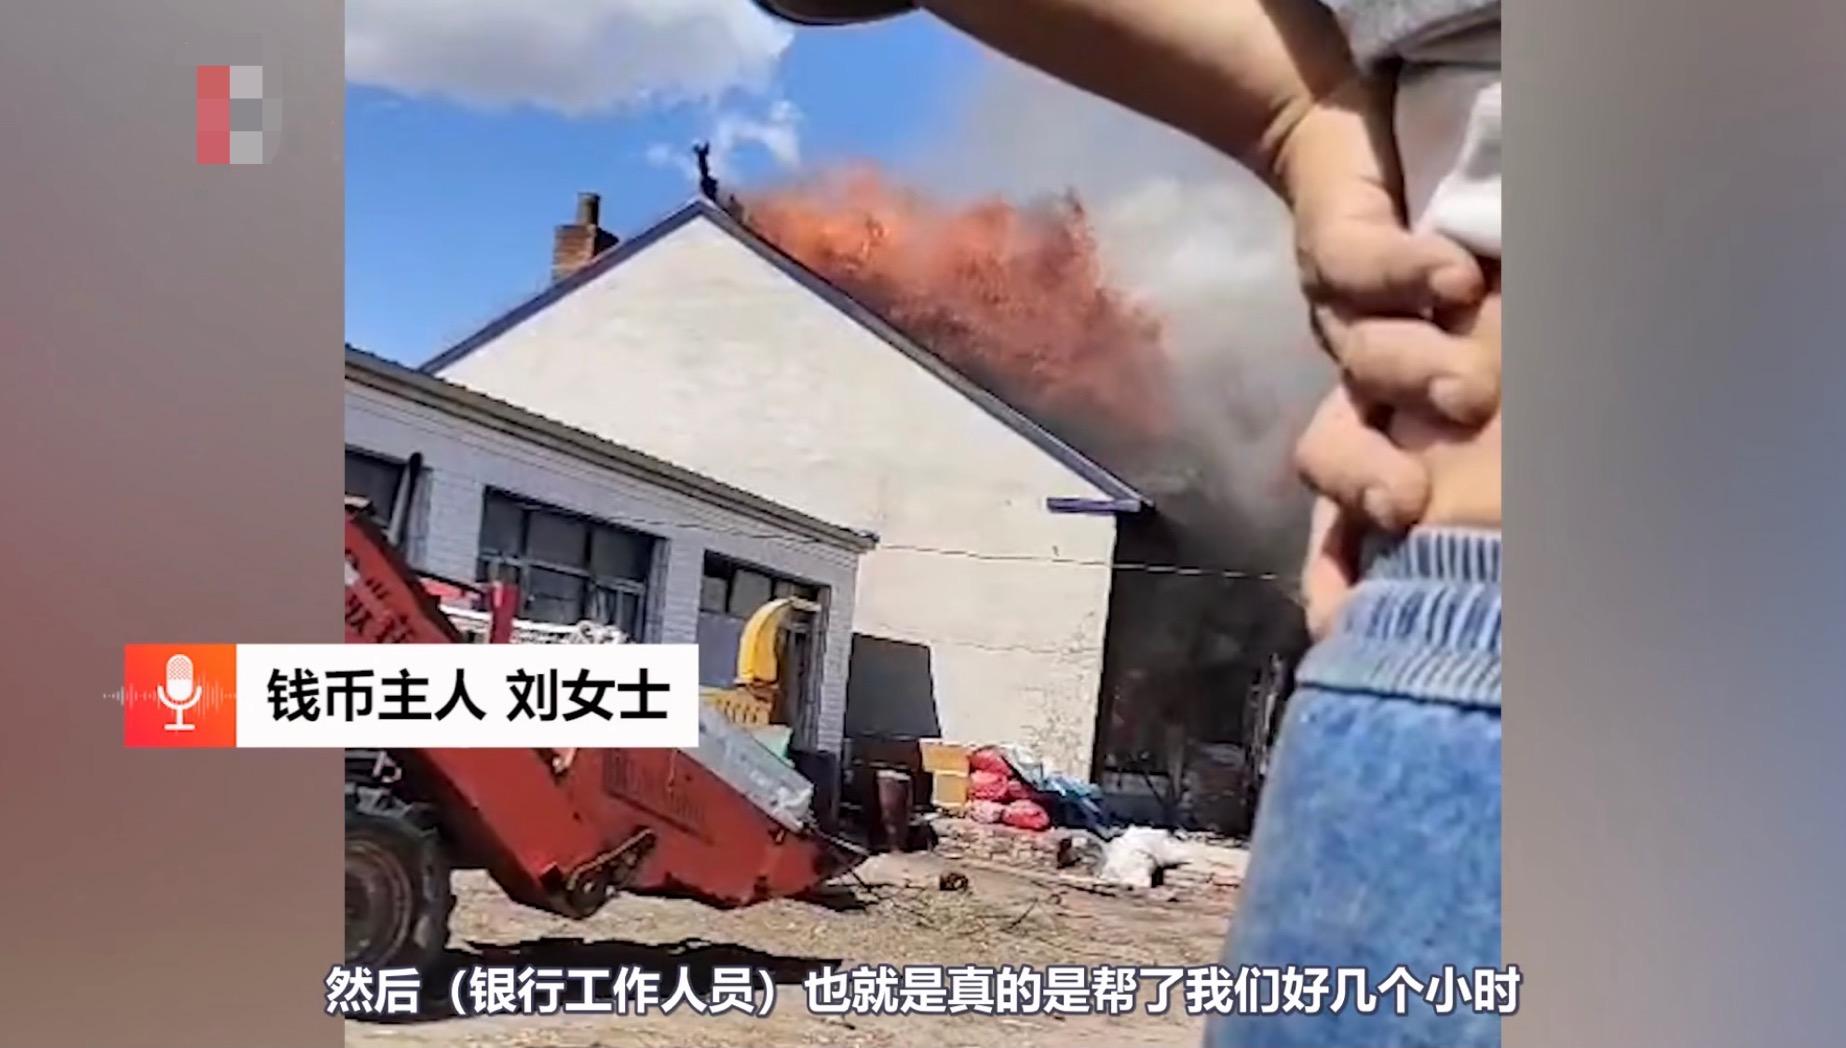 家中起火18万现金烧成碎片,女子无奈带着残币求助银行:十几万是借的